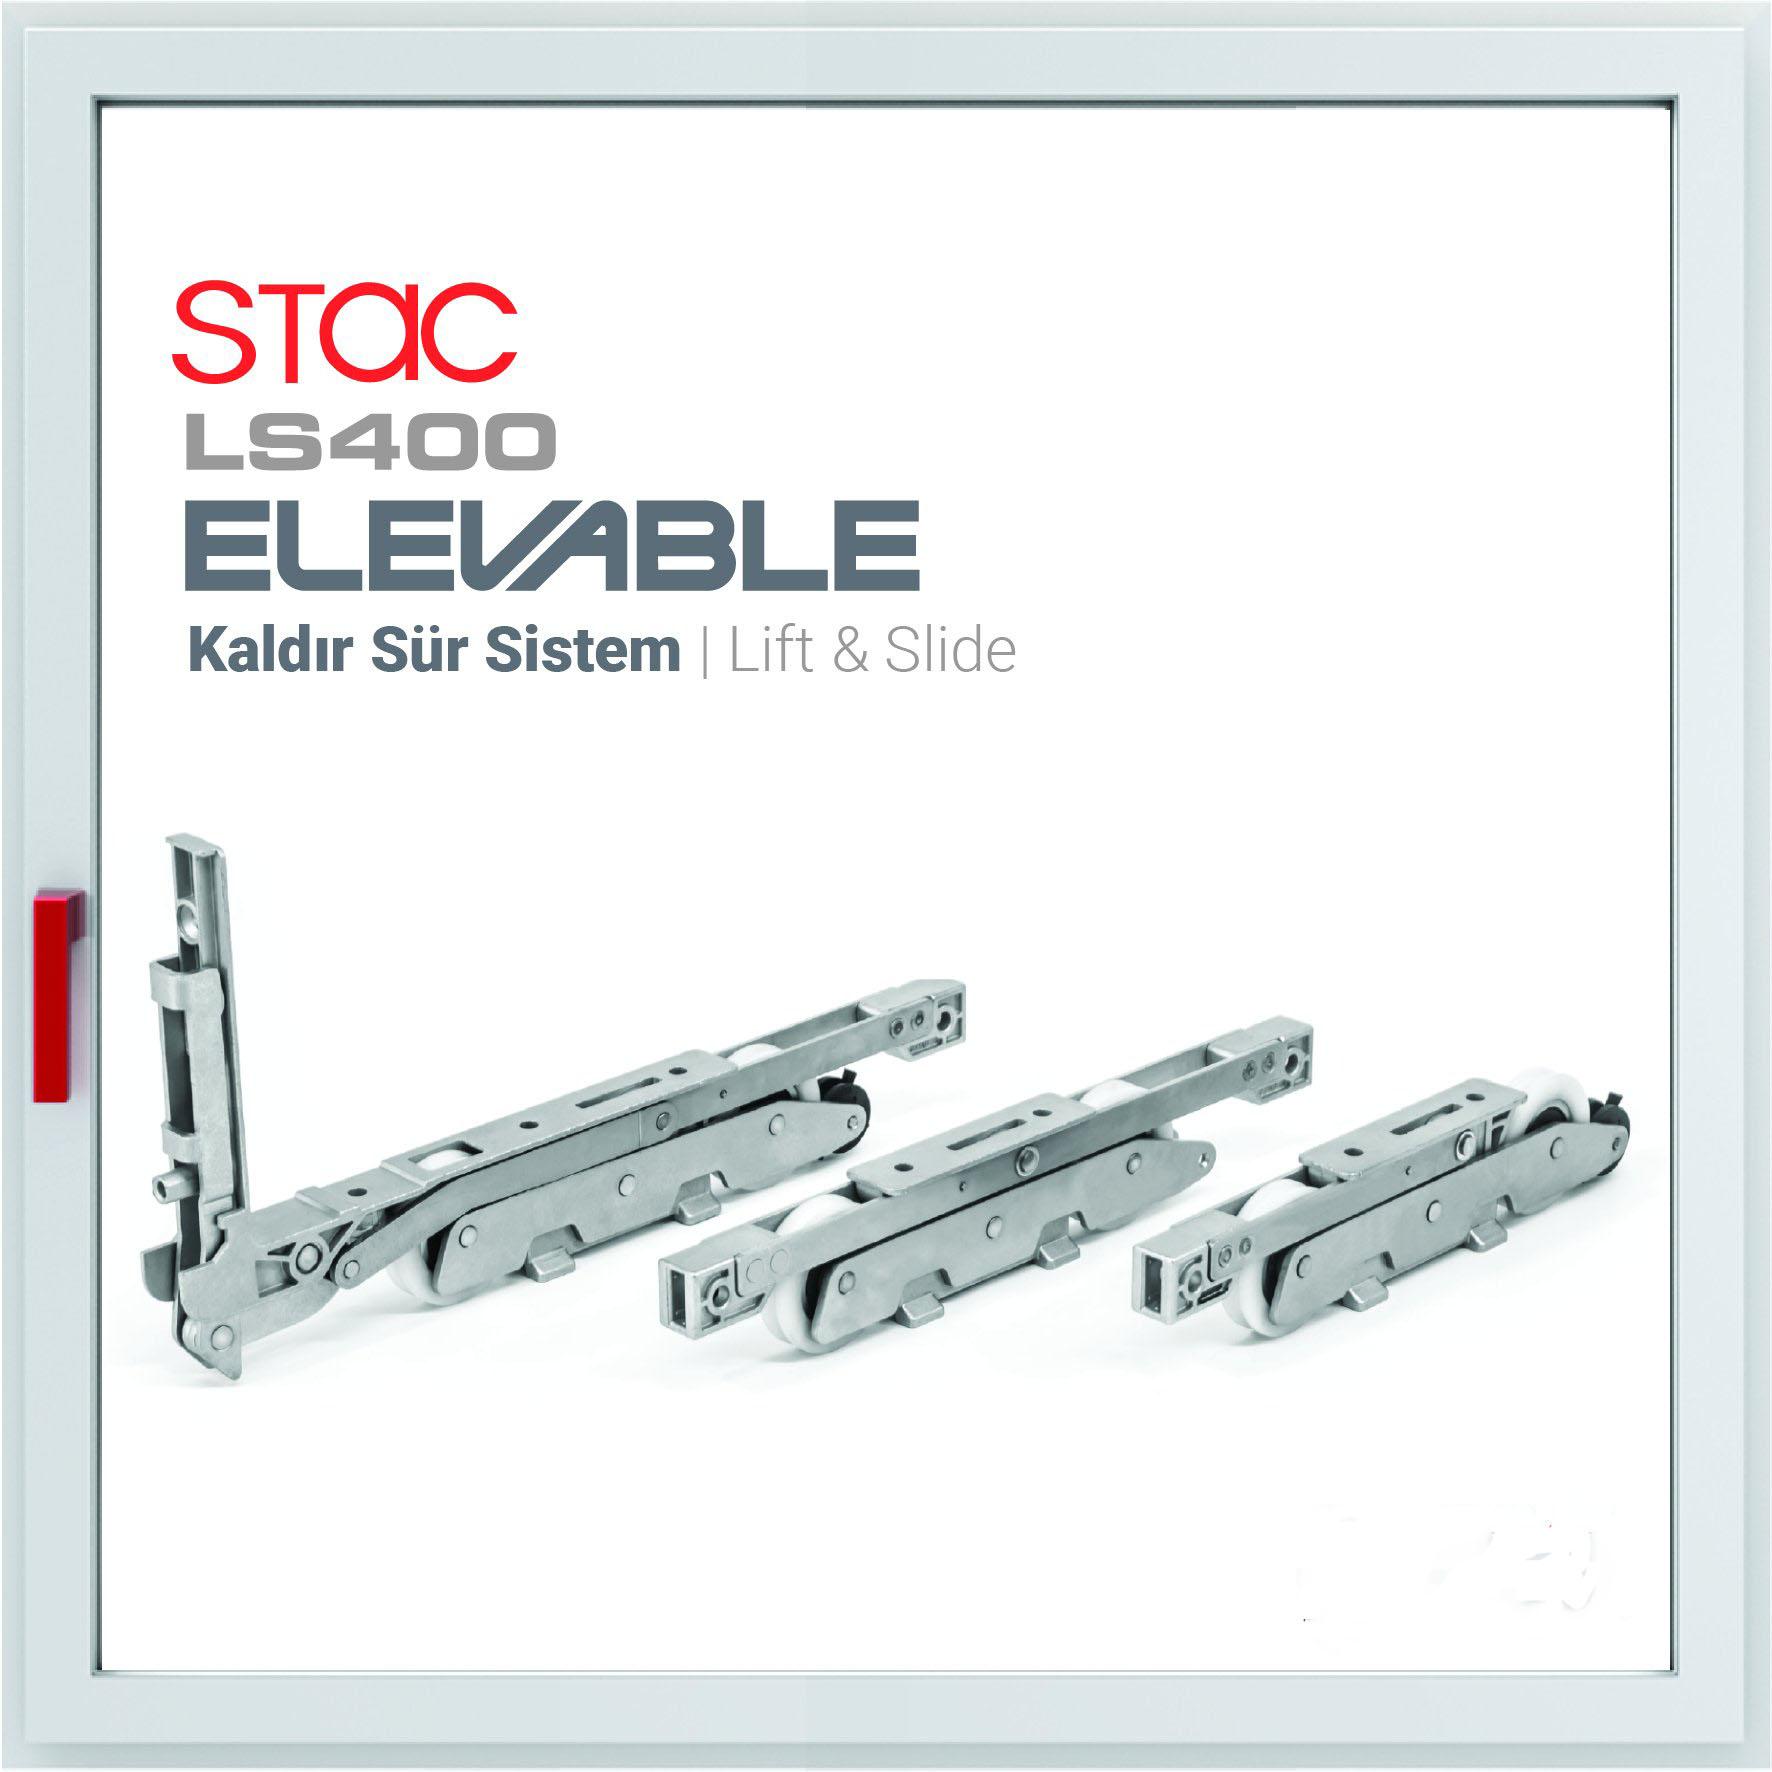 stac ls400